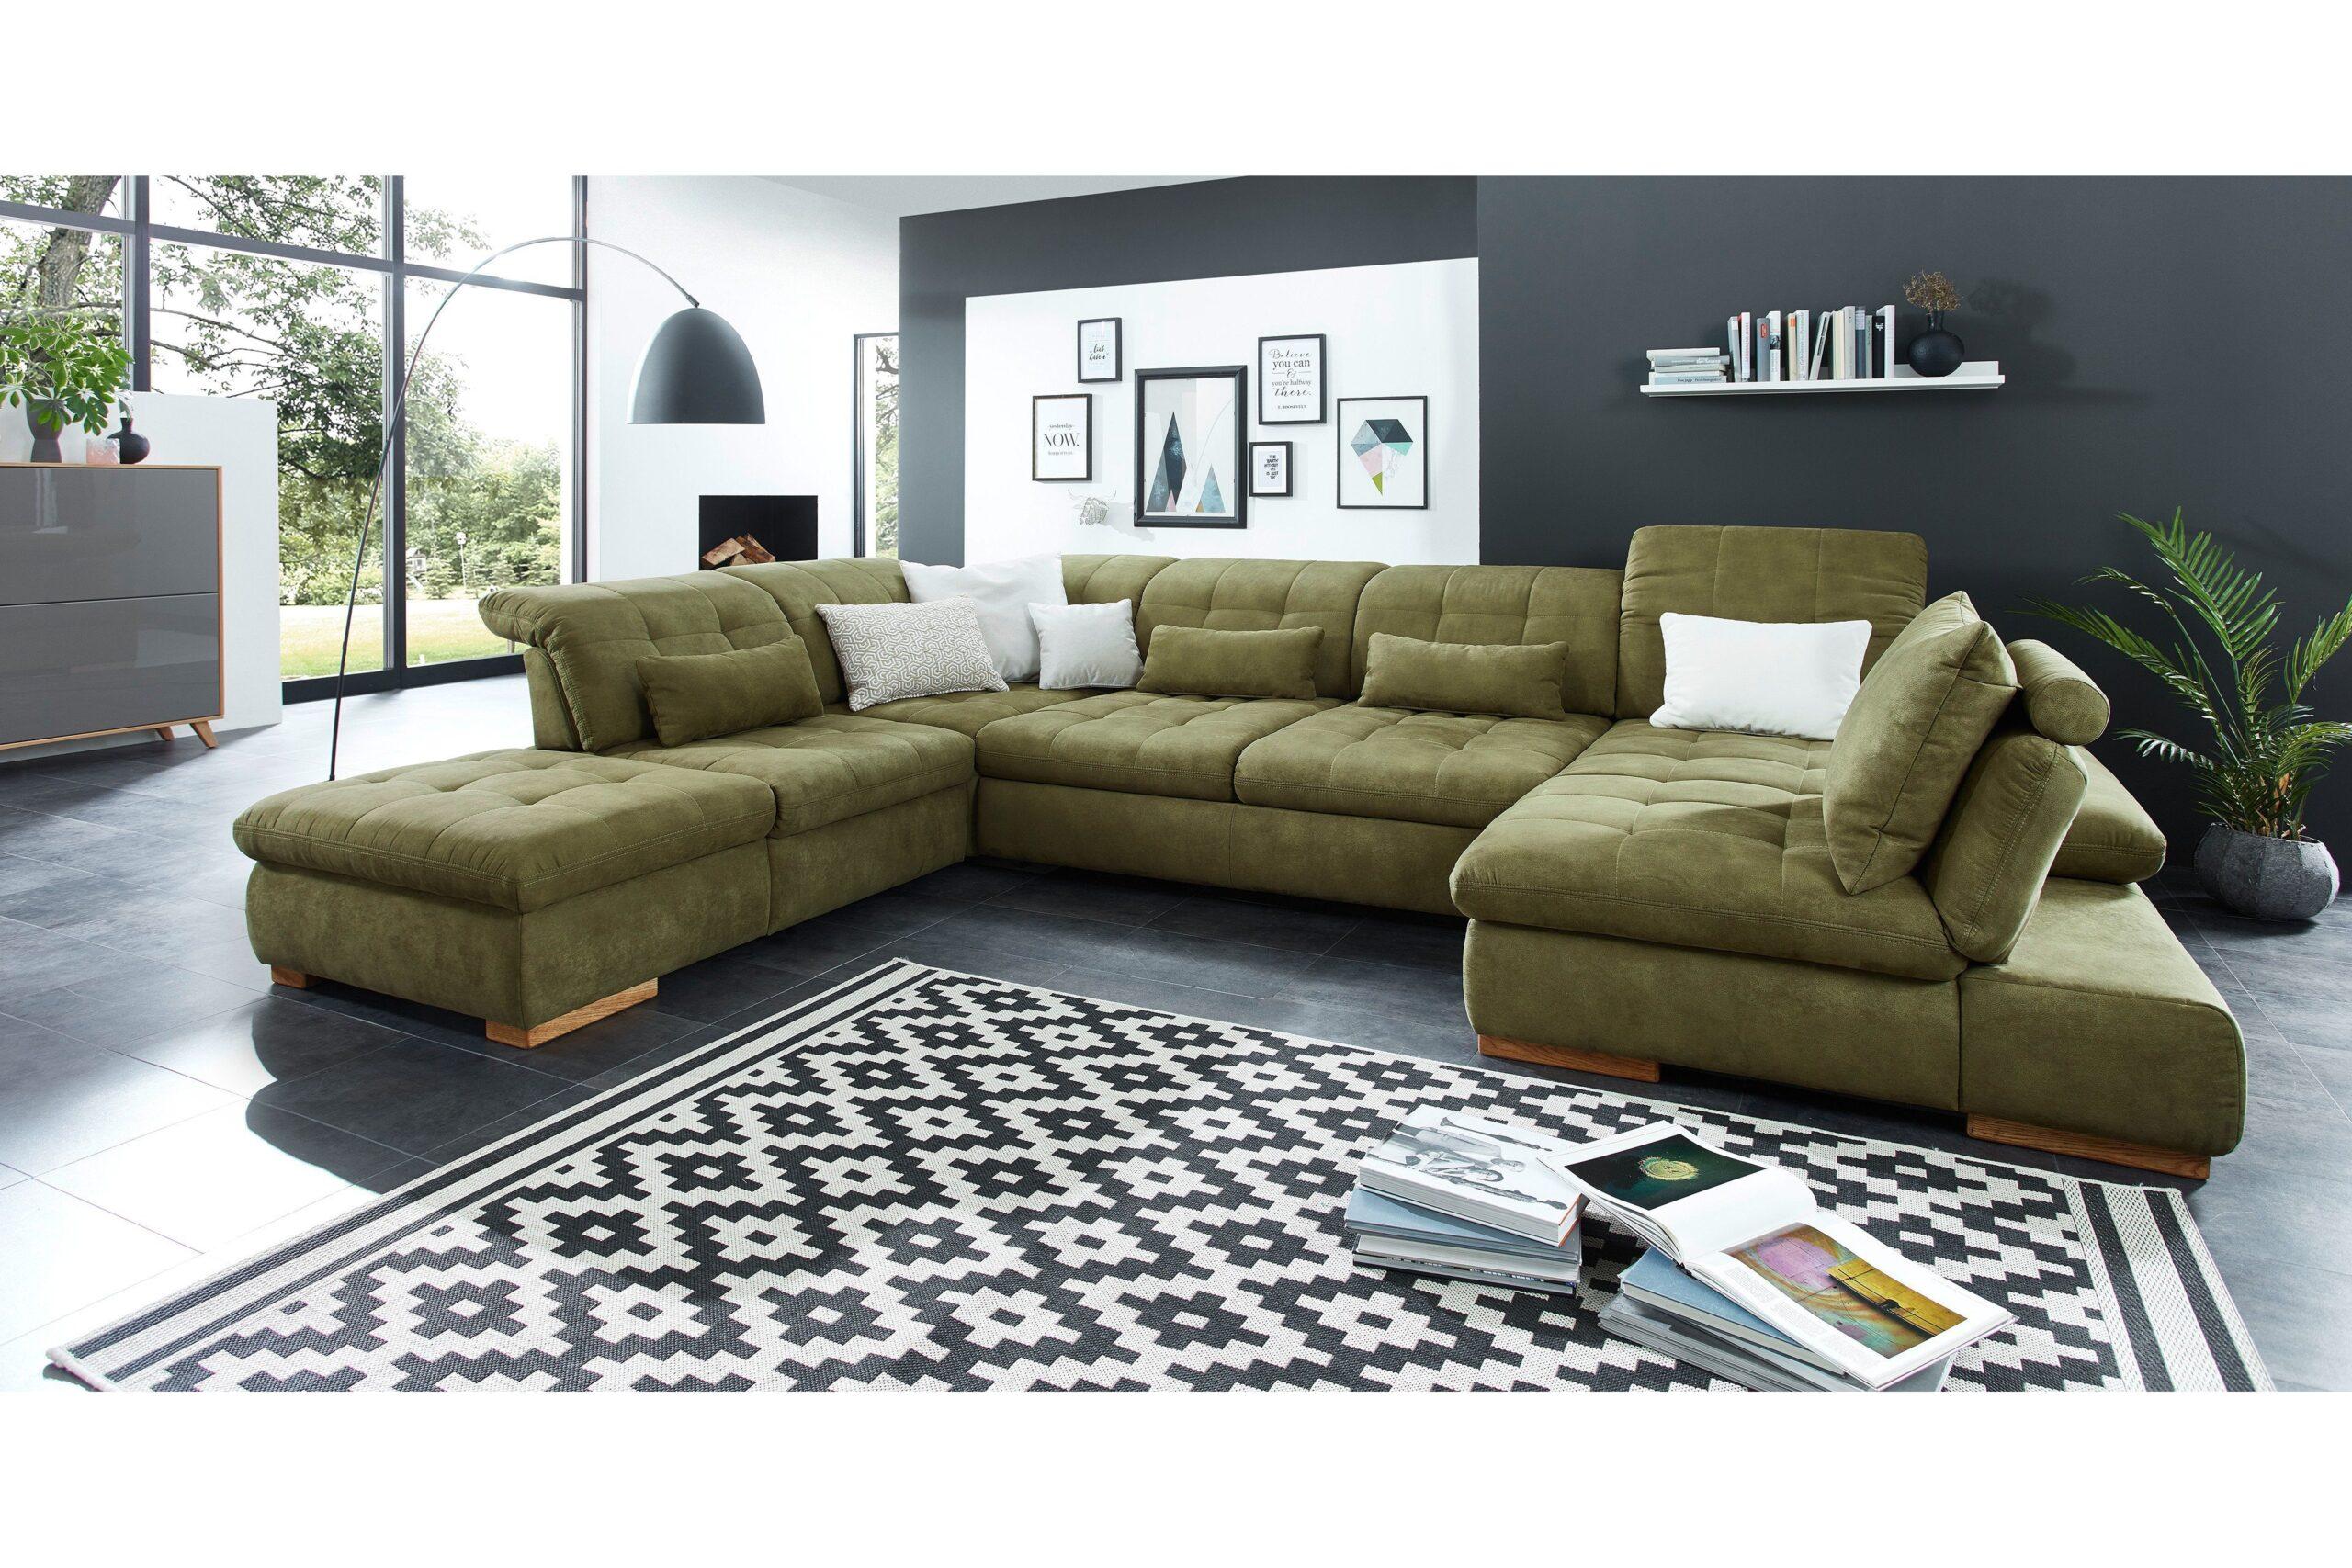 Full Size of Kinderbett Poco Polstermbel Houston Sofa In U Form Grn Mbel Letz Ihr Bett 140x200 Big Betten Küche Schlafzimmer Komplett Wohnzimmer Kinderbett Poco